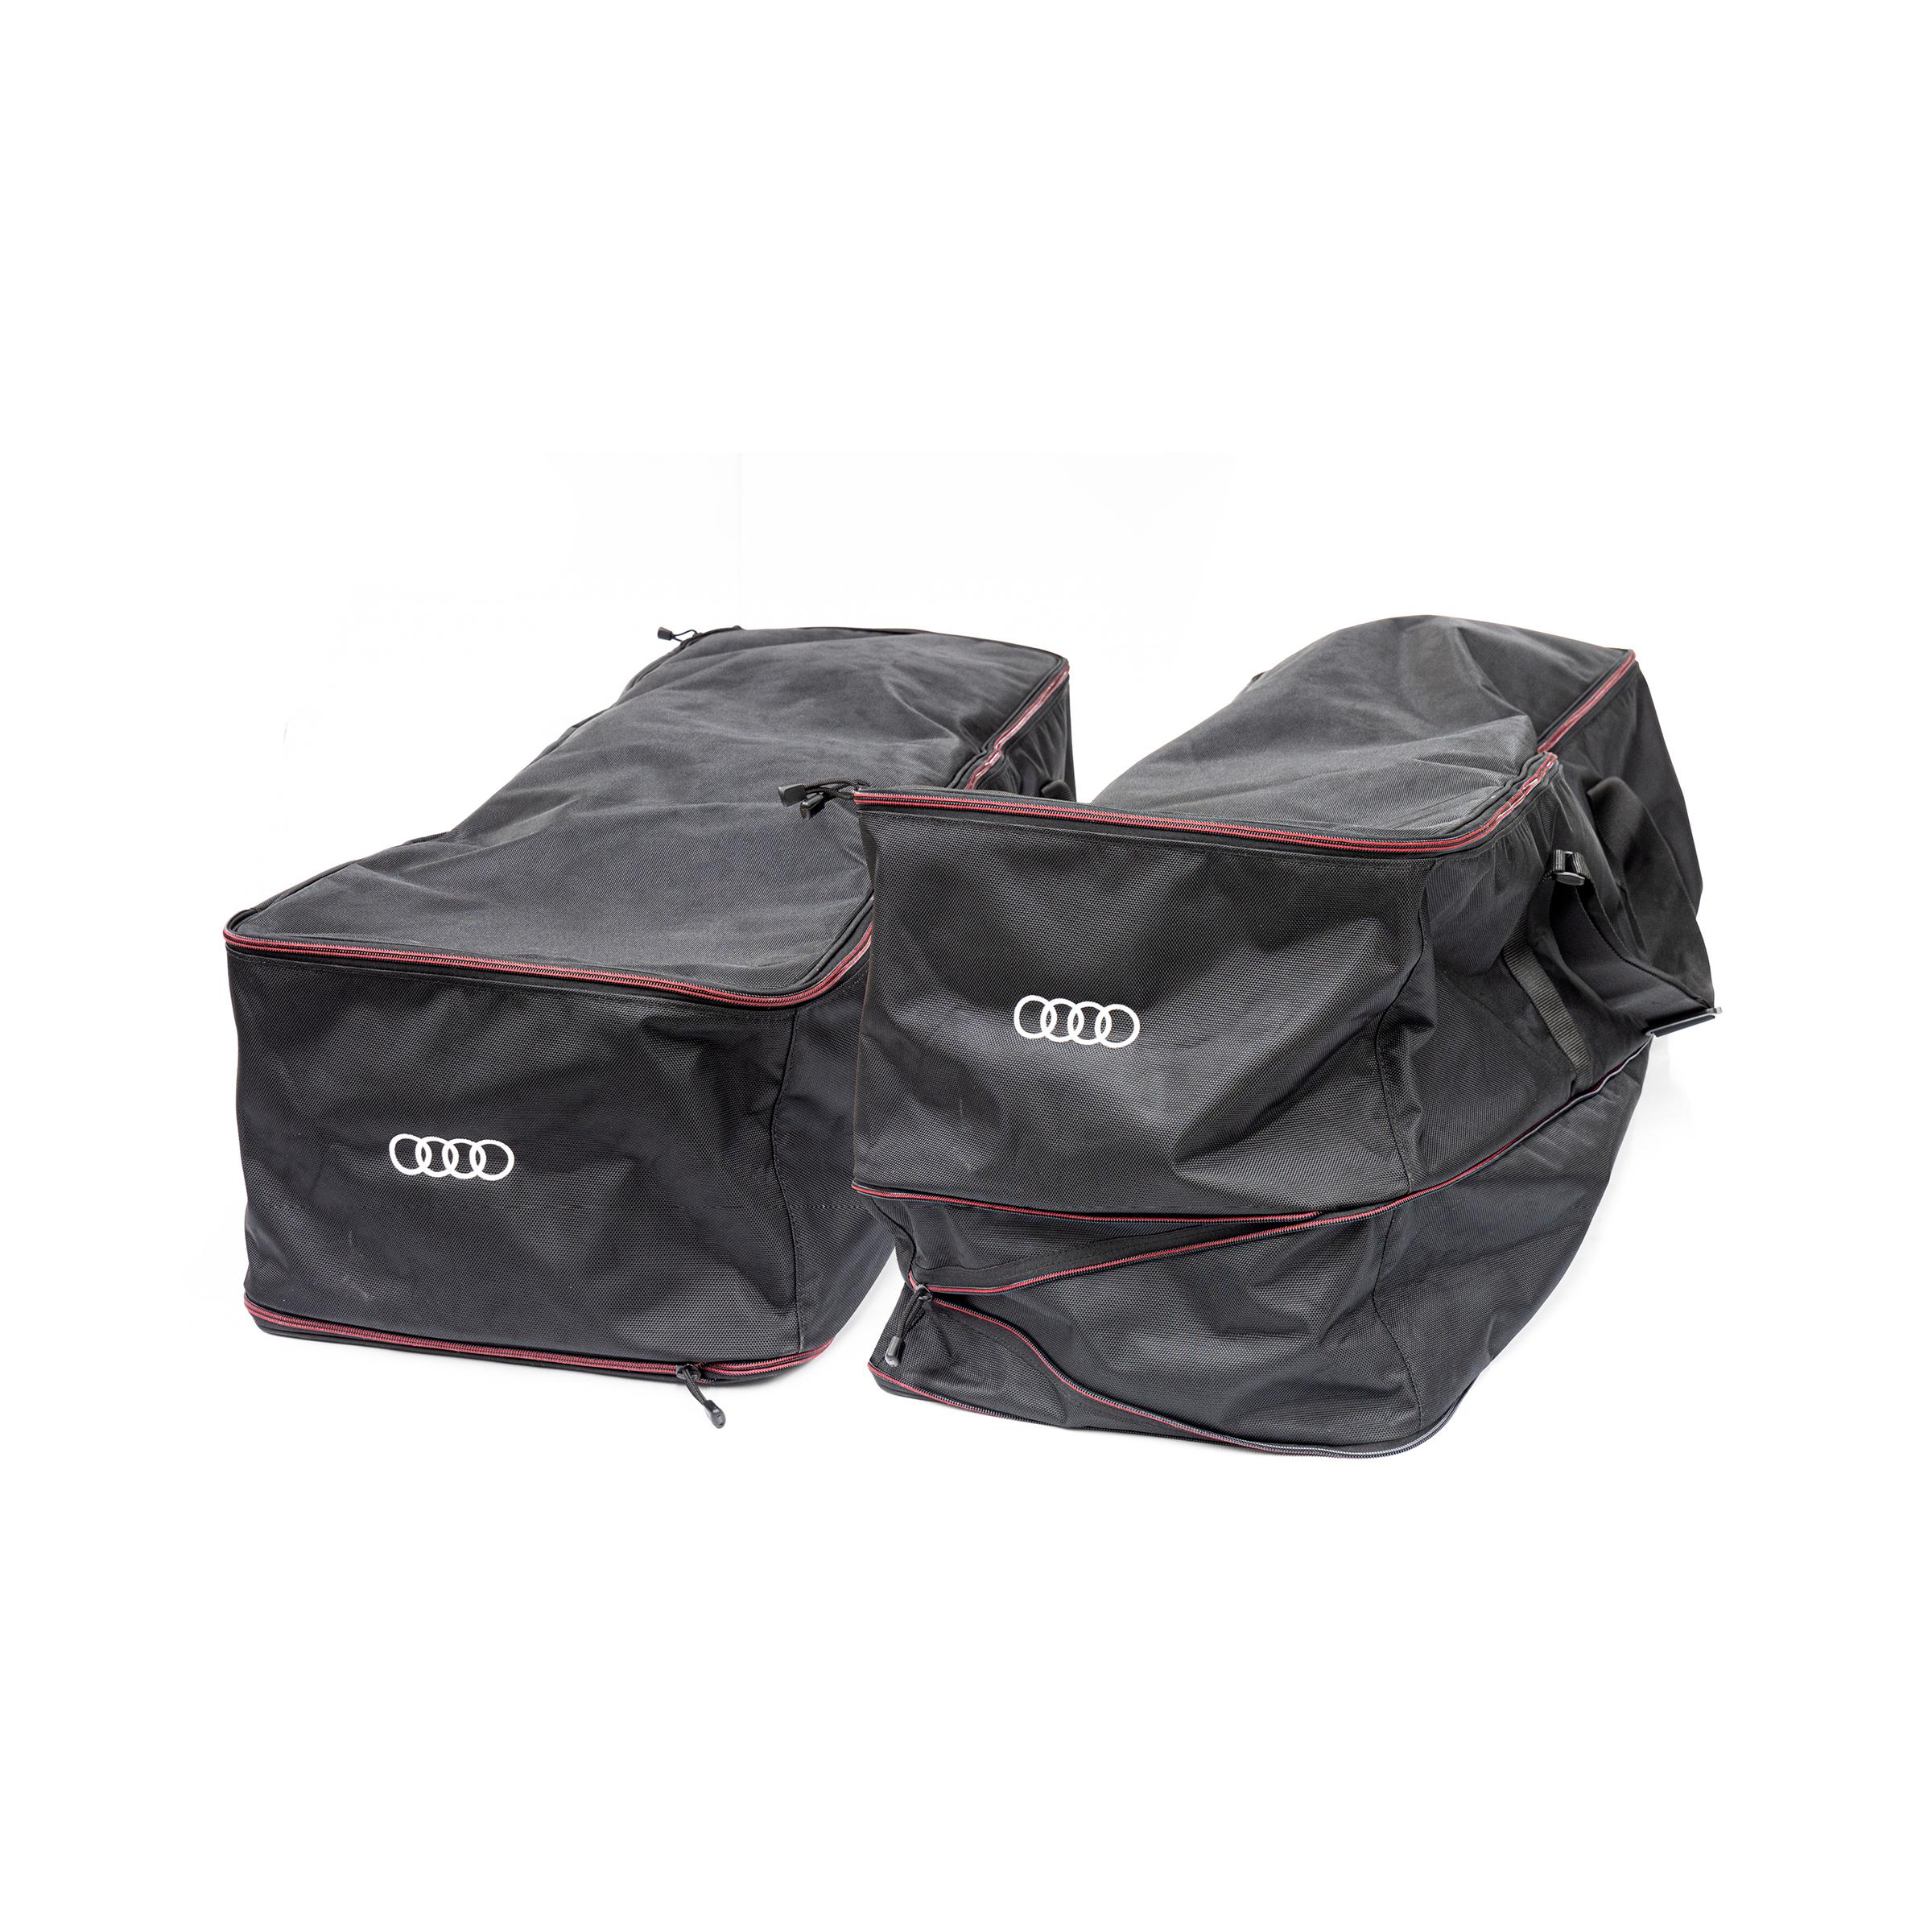 Audi Aufbewahrungstasche für E-Scooter